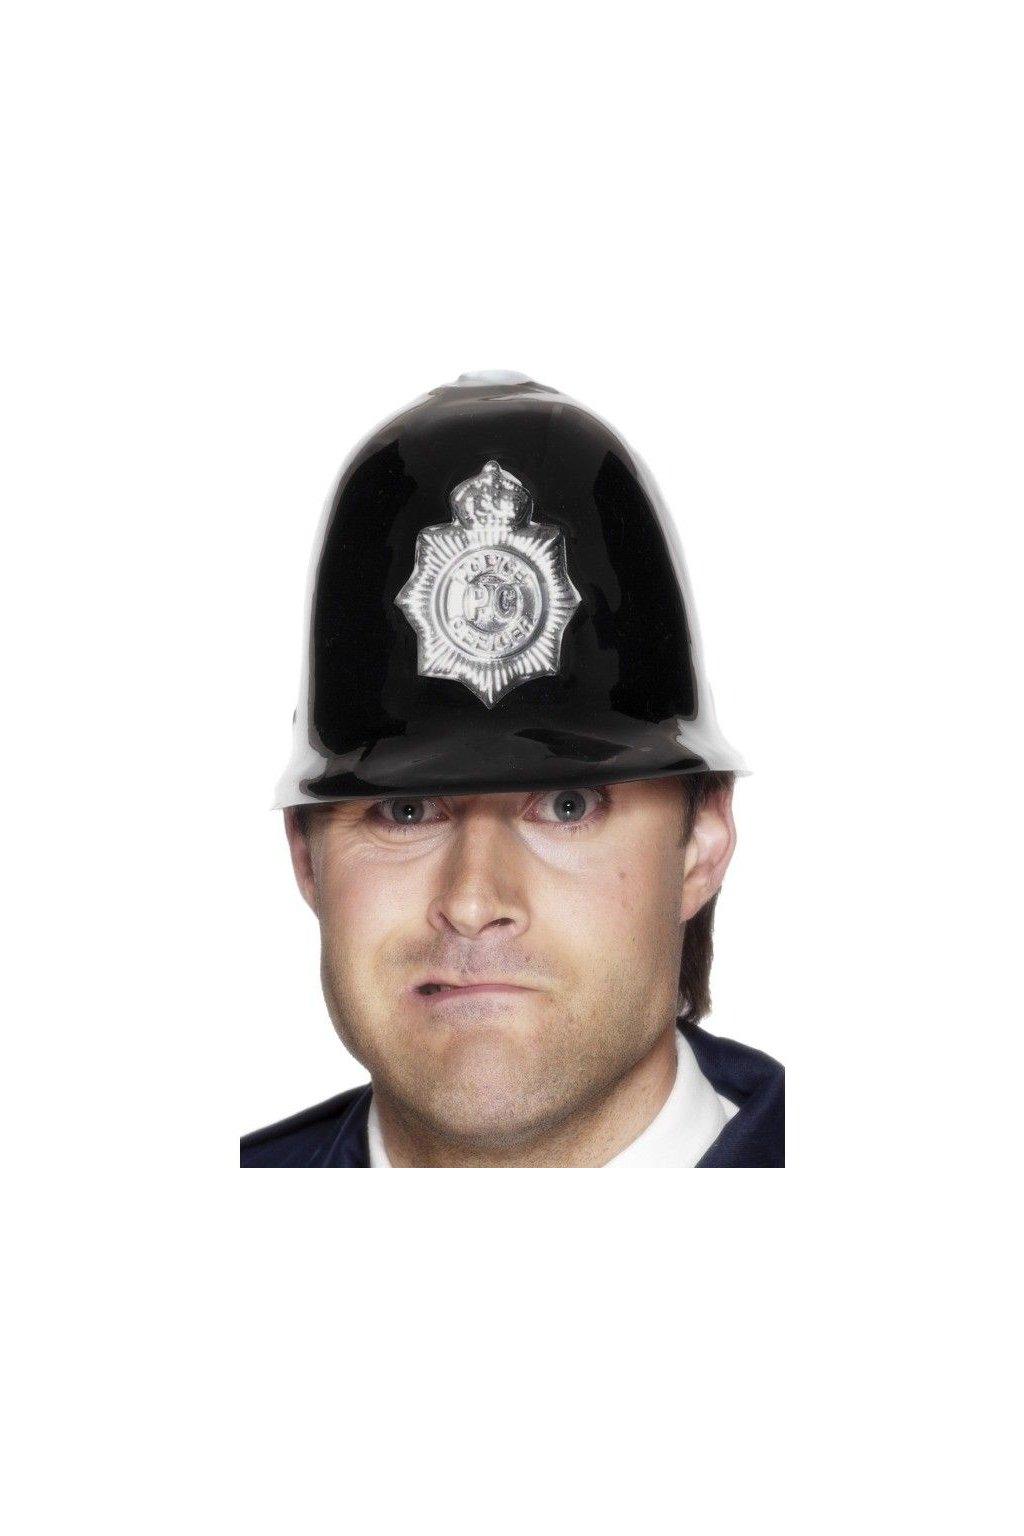 Policie - helma - výprodej